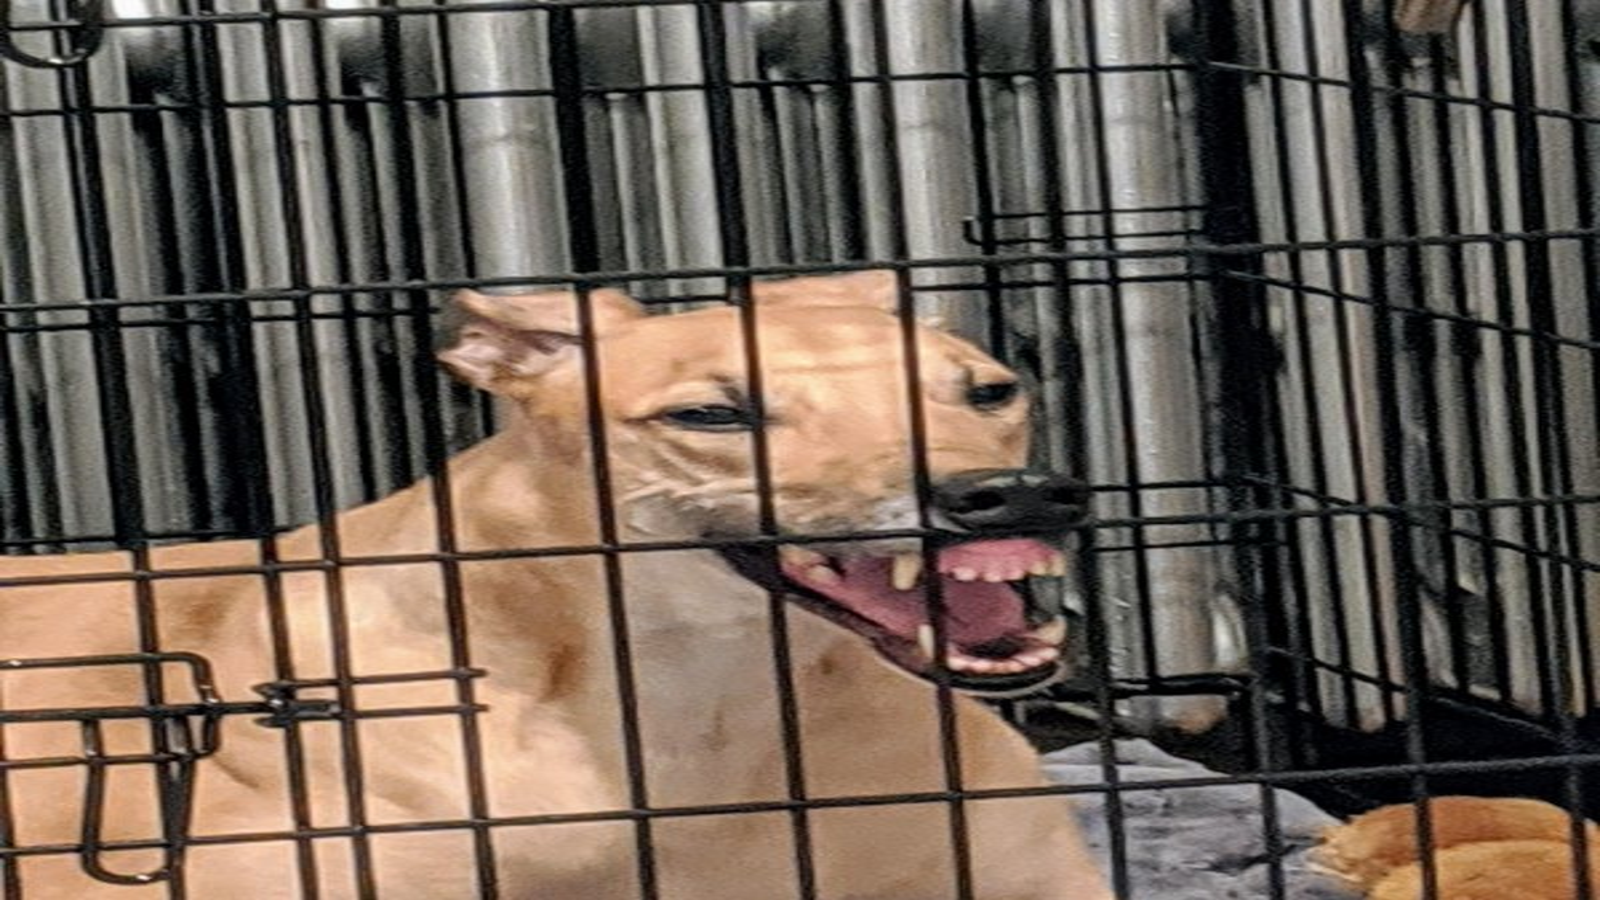 Смешные картинки и фотографии : Смешные собачки, у которых произошел сбой в системе